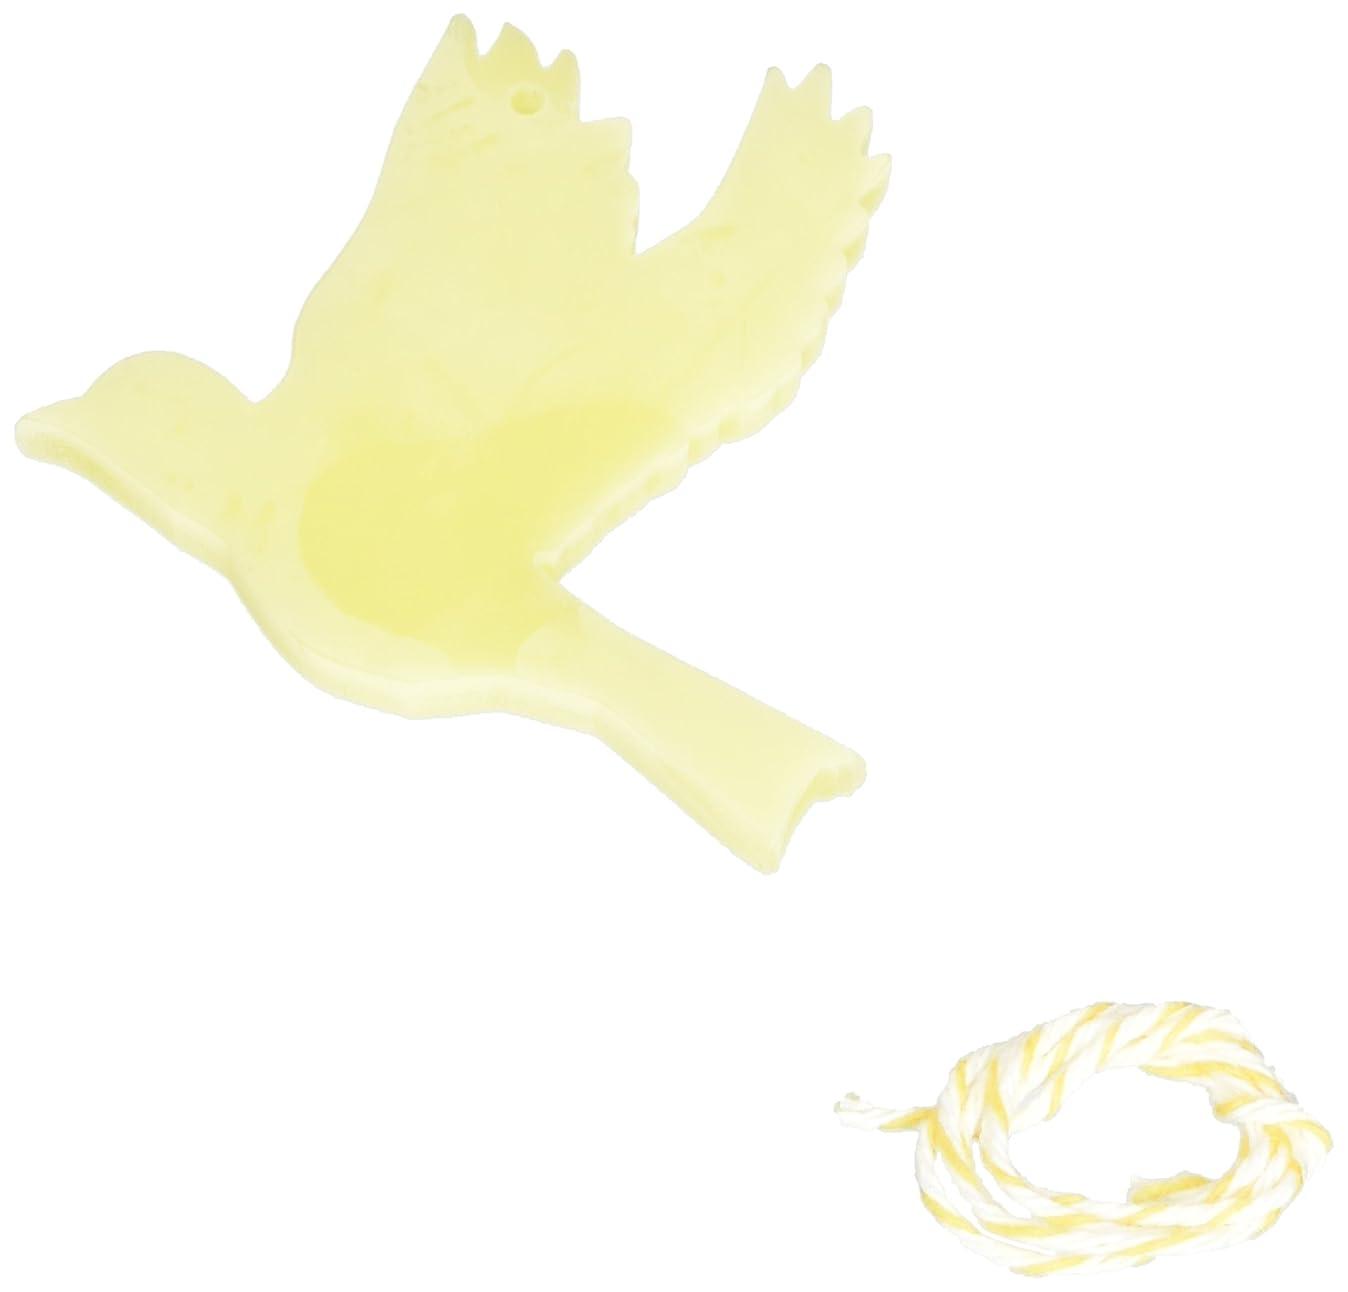 ボーカル眠り可愛いGRASSE TOKYO AROMATICWAXチャーム「ハト」(YE) ベルガモット アロマティックワックス グラーストウキョウ